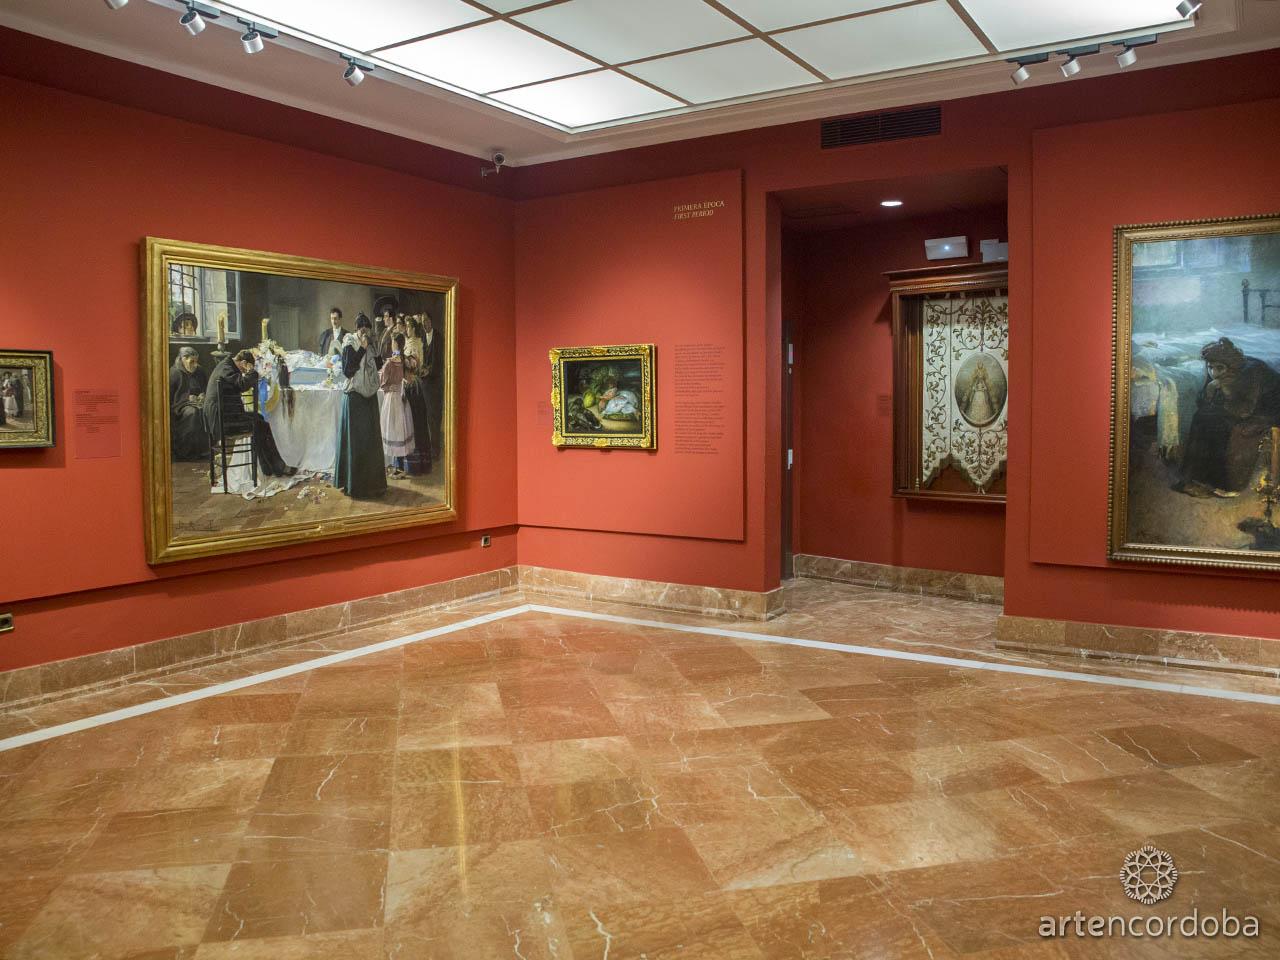 Detalle de la Sala 'Primera Época' en el Museo Julio Romero de Torres